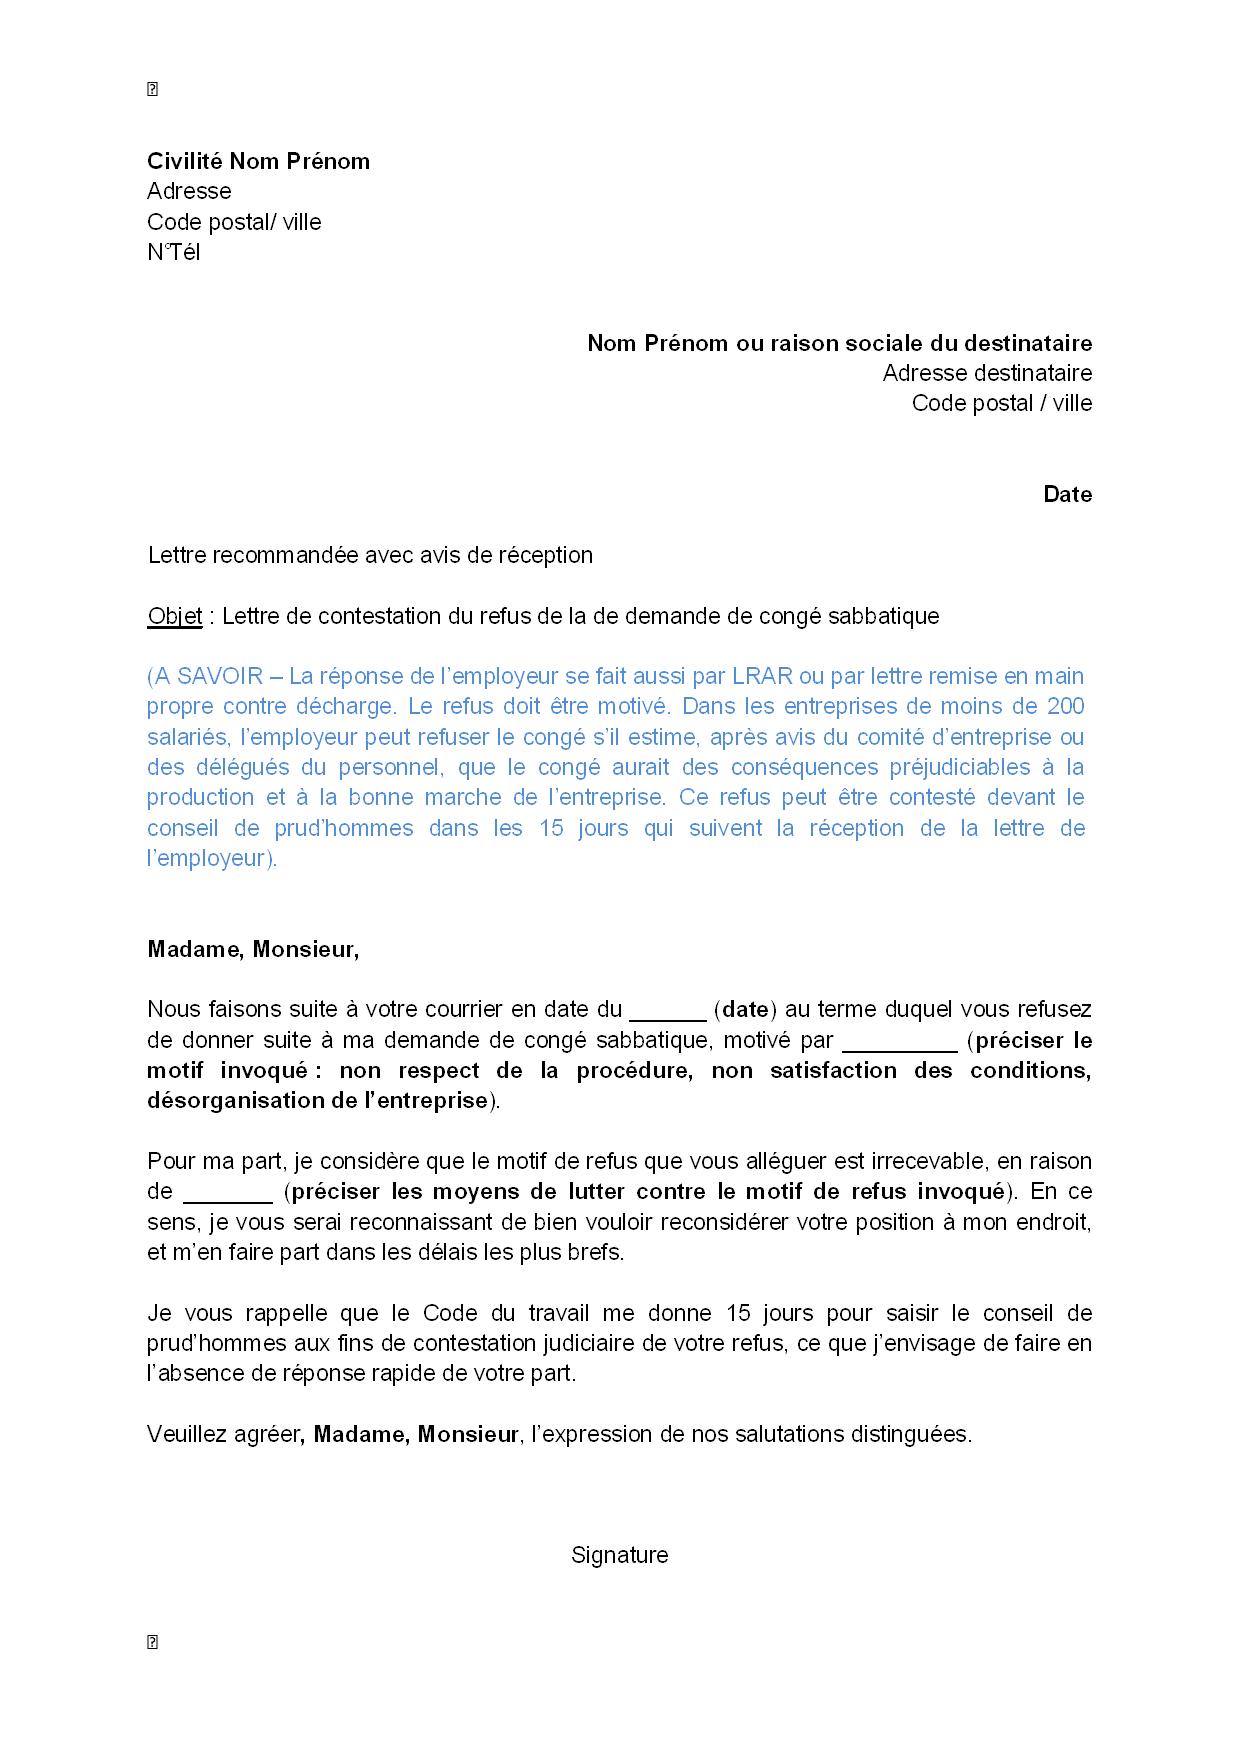 lettre de demission conseiller prud homme Lettre de contestation, par le salarié, du refus de la demande de  lettre de demission conseiller prud homme